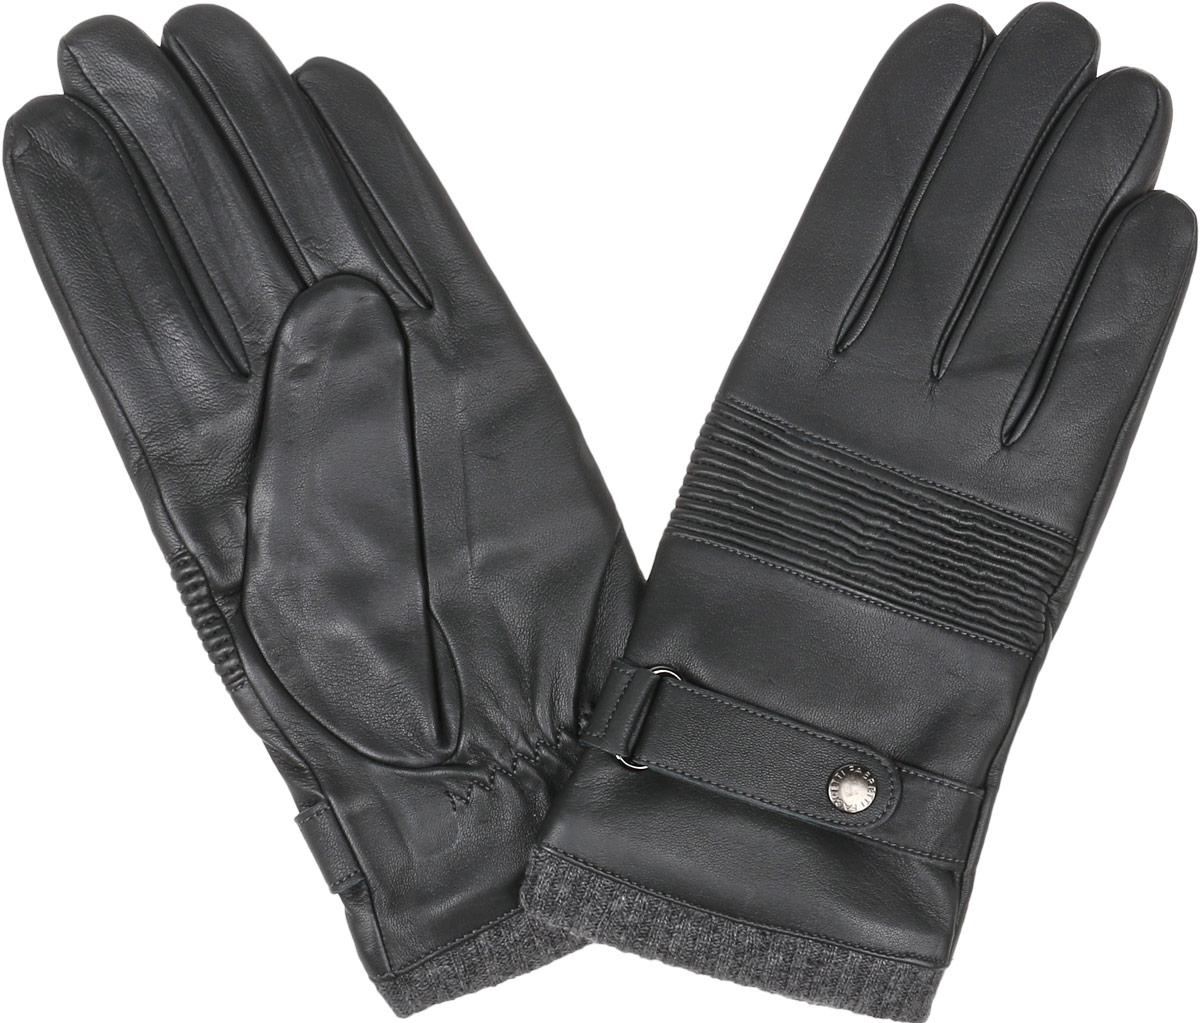 Перчатки12.50-1 blackСтильные мужские перчатки Fabretti не только защитят ваши руки, но и станут великолепным украшением. Перчатки выполнены из натуральной кожи ягненка, а их подкладка - из высококачественной шерсти с добавлением кашемира. Модель дополнена небольшим хлястиком на кнопке на запястье, пропущенным через металлическую шлевку. Изделие имеет строчки-стежки на запястье, которые придают большее удобство при носке, также верхняя сторона перчаток дополнена эластичной резинкой, собранной в гармошку. Манжеты модели выполнены из вязанной резинки. Стильный аксессуар для повседневного образа.